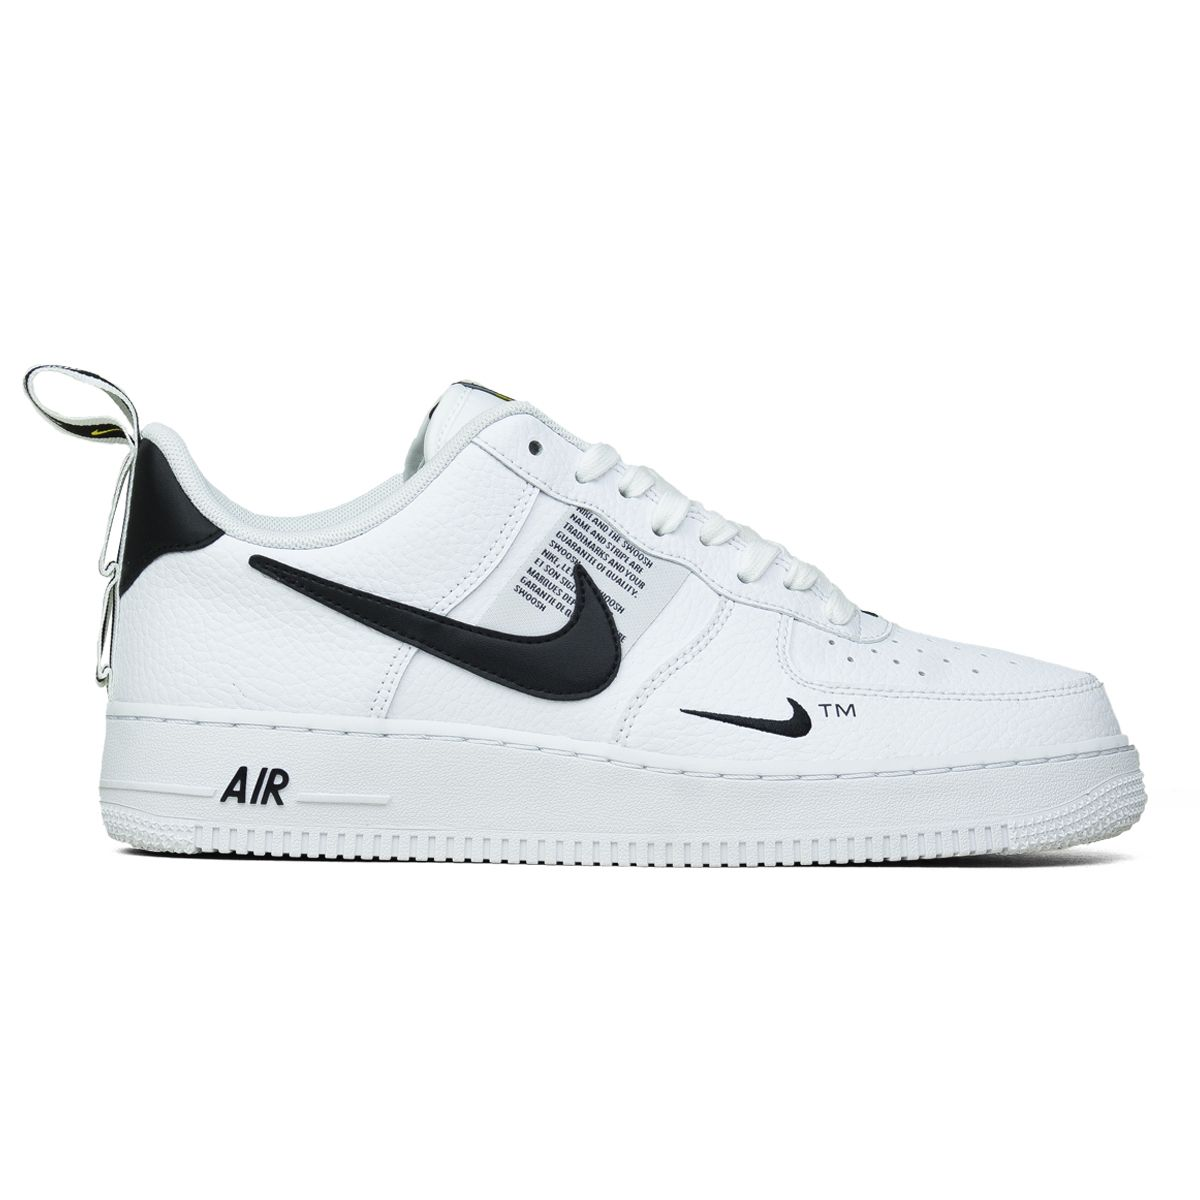 Nike Air Force 1 Tm Branco Com Simbolo Preto Pesquisa Google